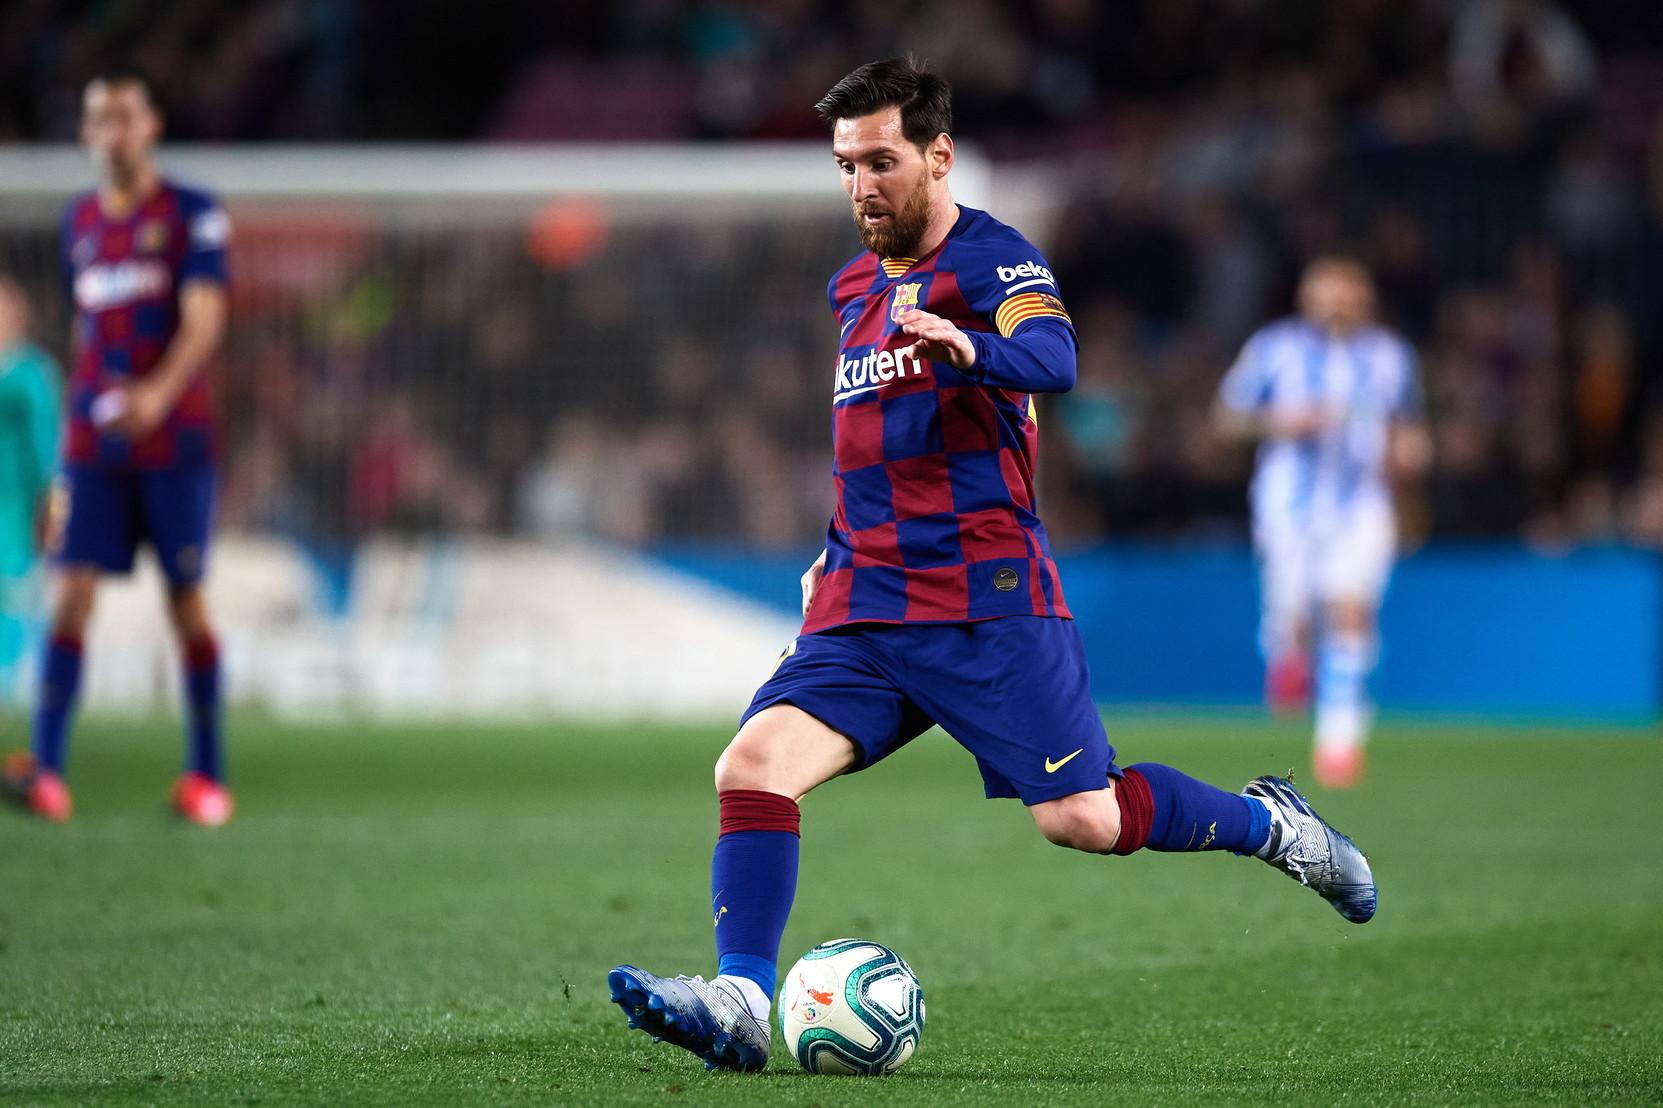 1) Lionel Messi (Barcellona): 131 milioni di euro lordi